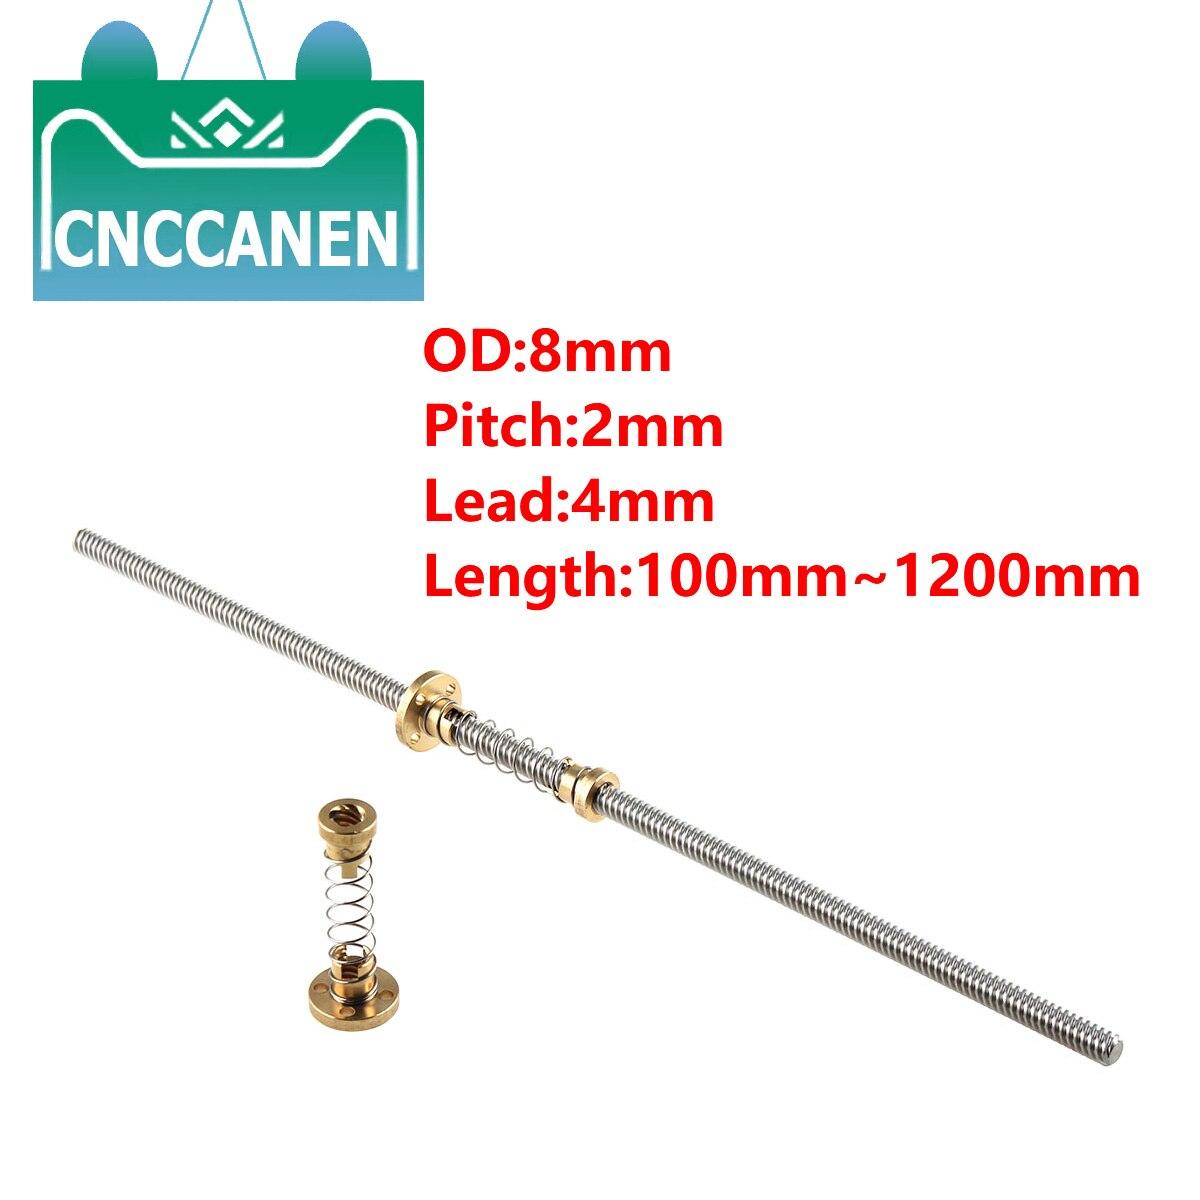 T8 Lead Screw Picth 2mm Lead 4mm 100mm 200mm 300mm 400mm 500mm 600mm 1200 Mm + Anti Backlash Spring Loaded Nut For 3D Printer